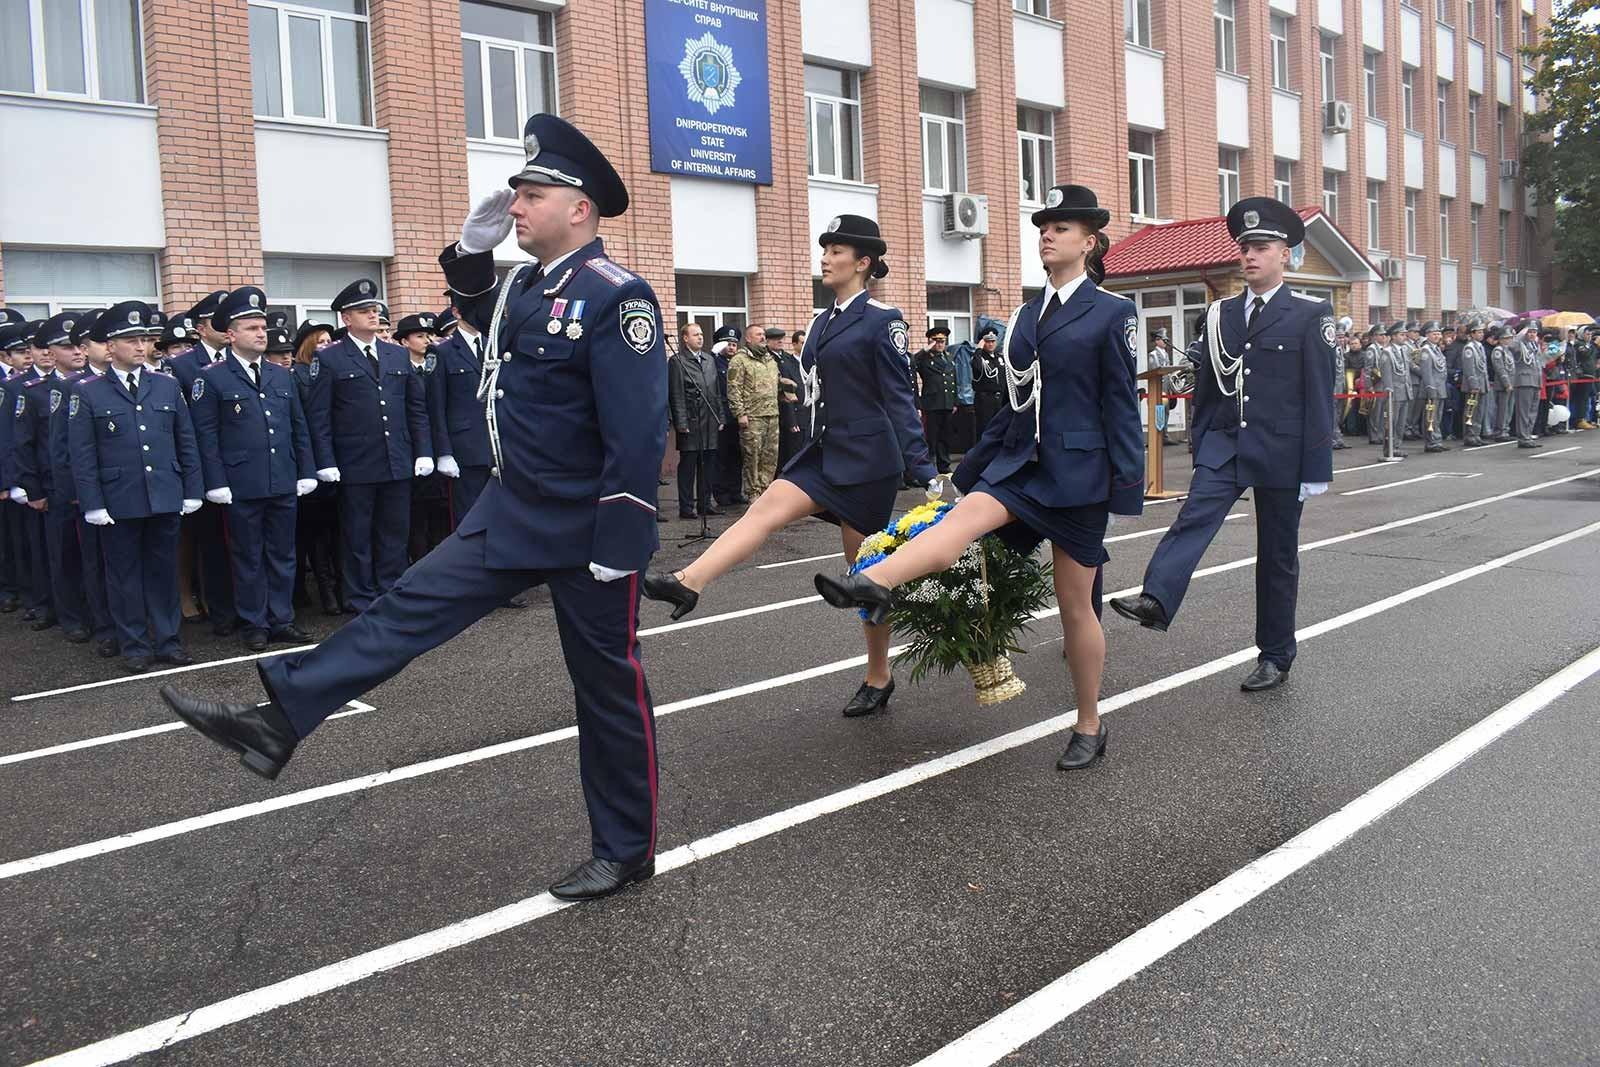 Урочисто-траурною ходою курсанти поклали квіти до пам'ятника загиблим працівникам поліції